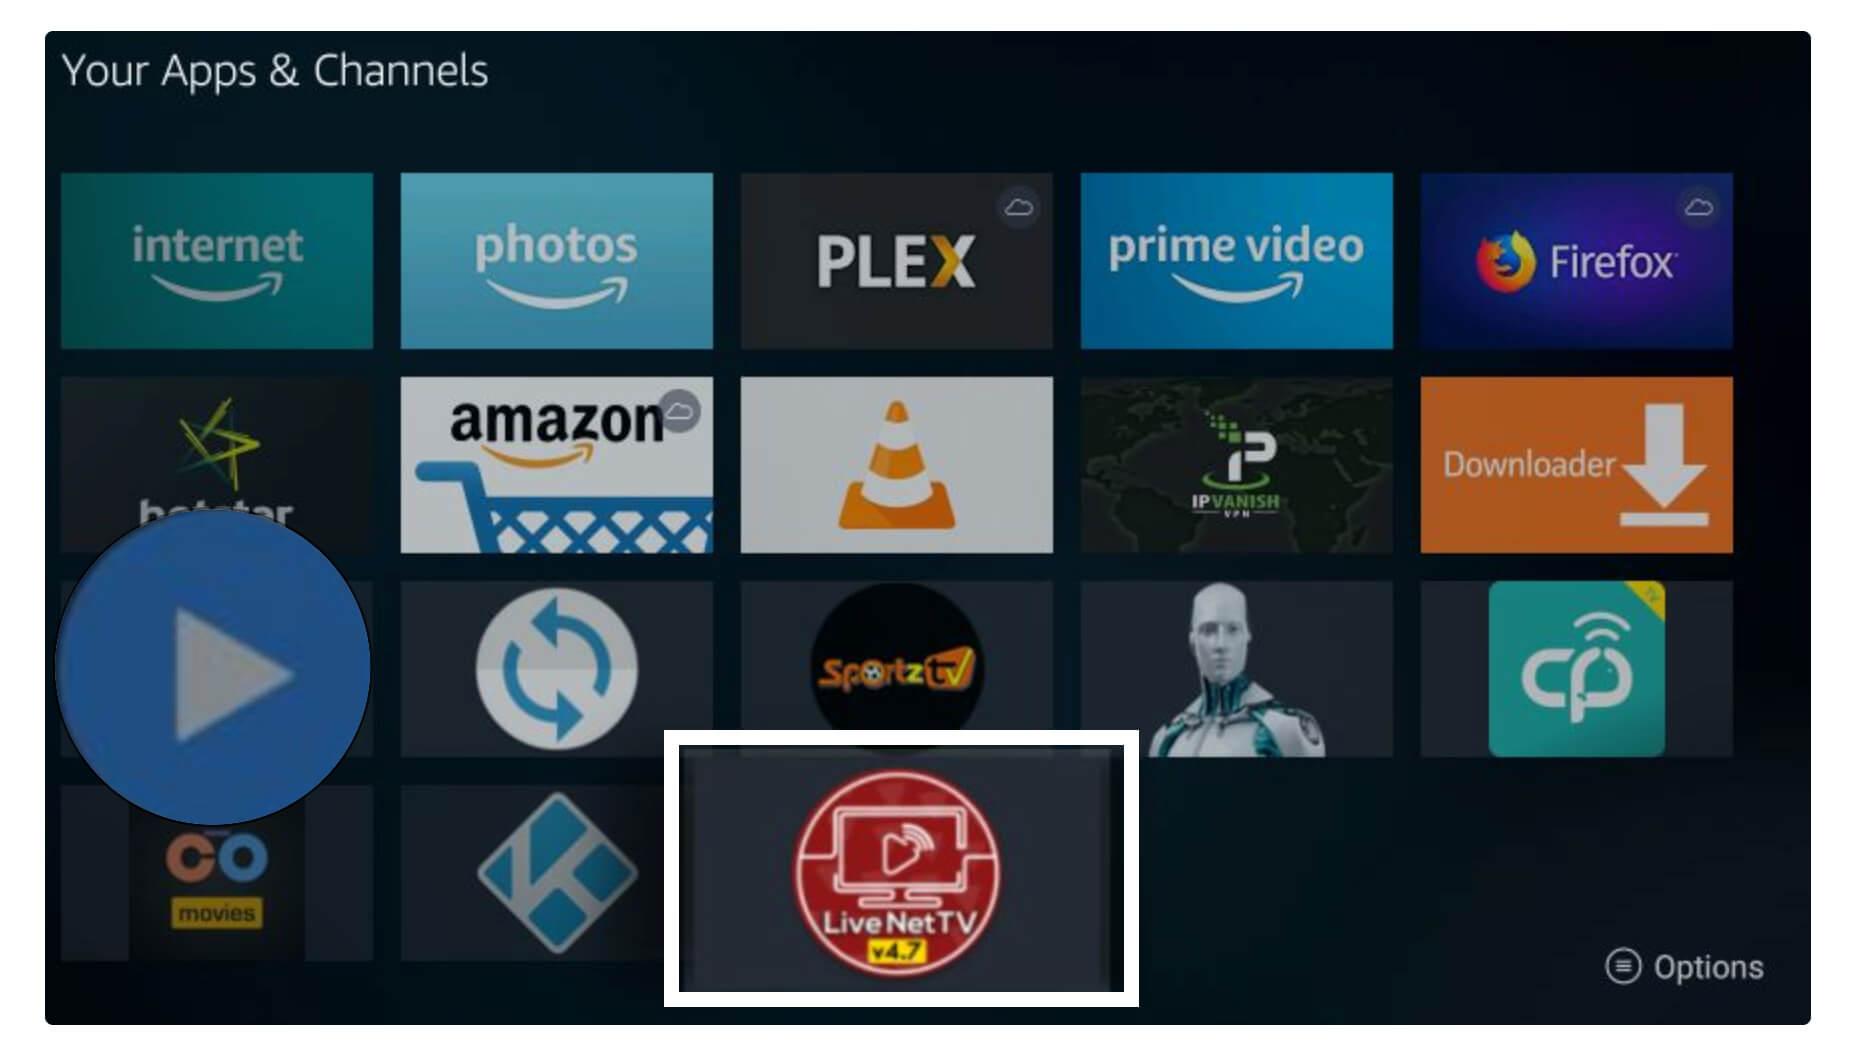 Use-Live-Net-TV-on-Firestick